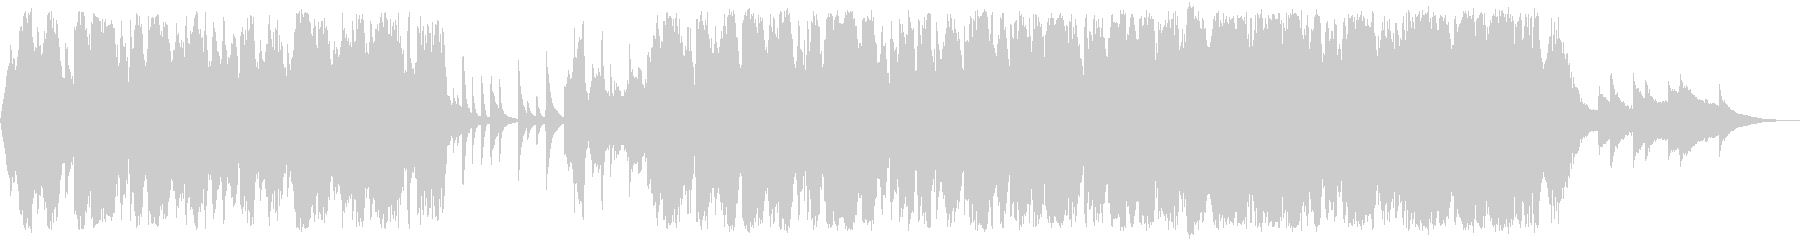 秋冬の感傷に浸るセンチメンタルなチェロの未再生の波形